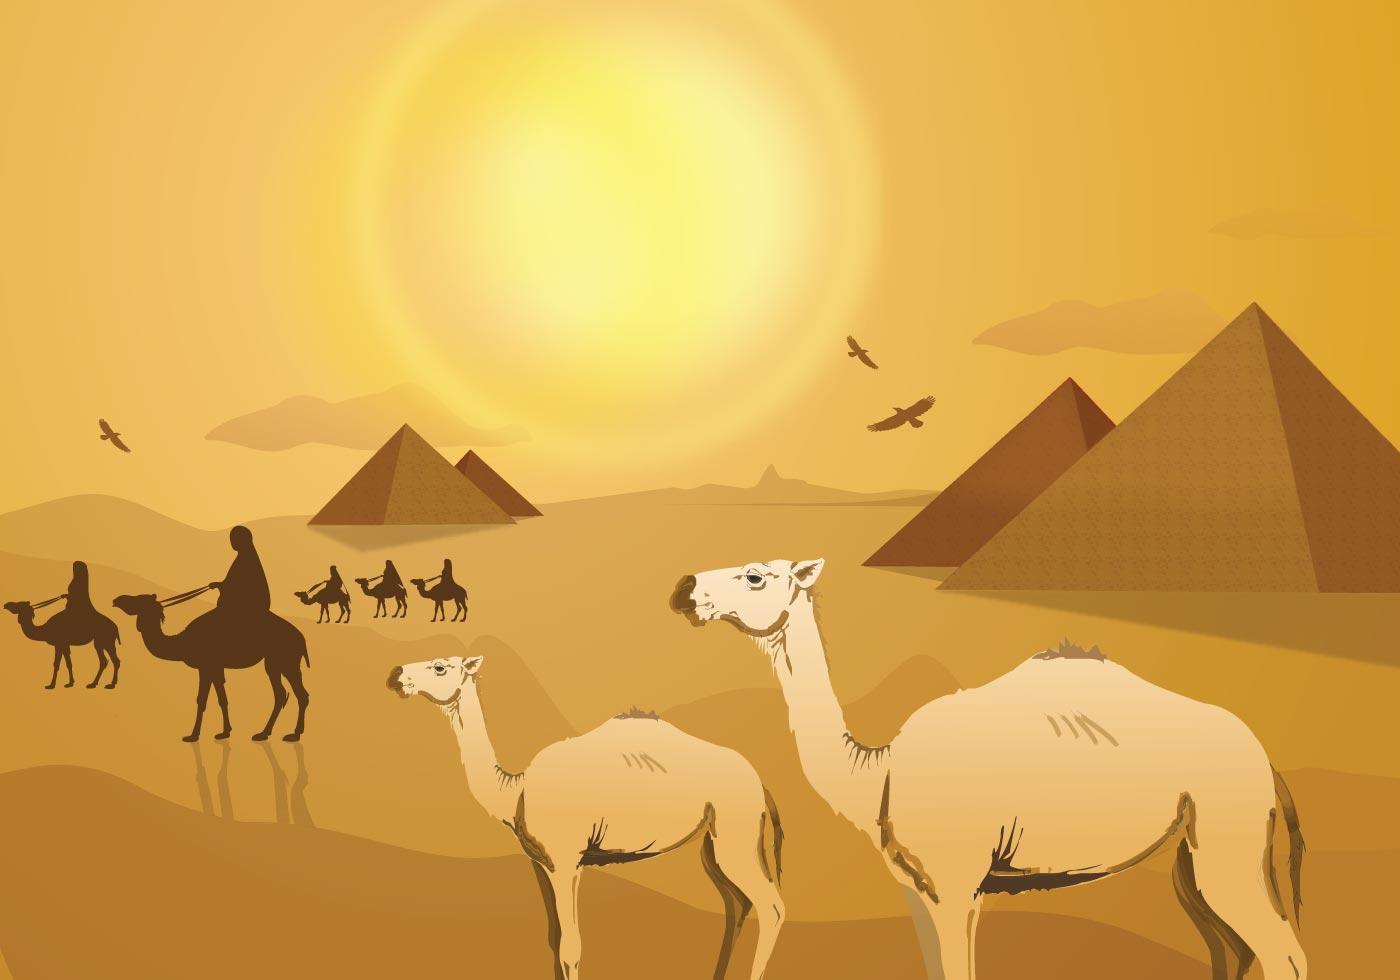 Town Landscape Vector Illustration: Egyptian Desert Landscape